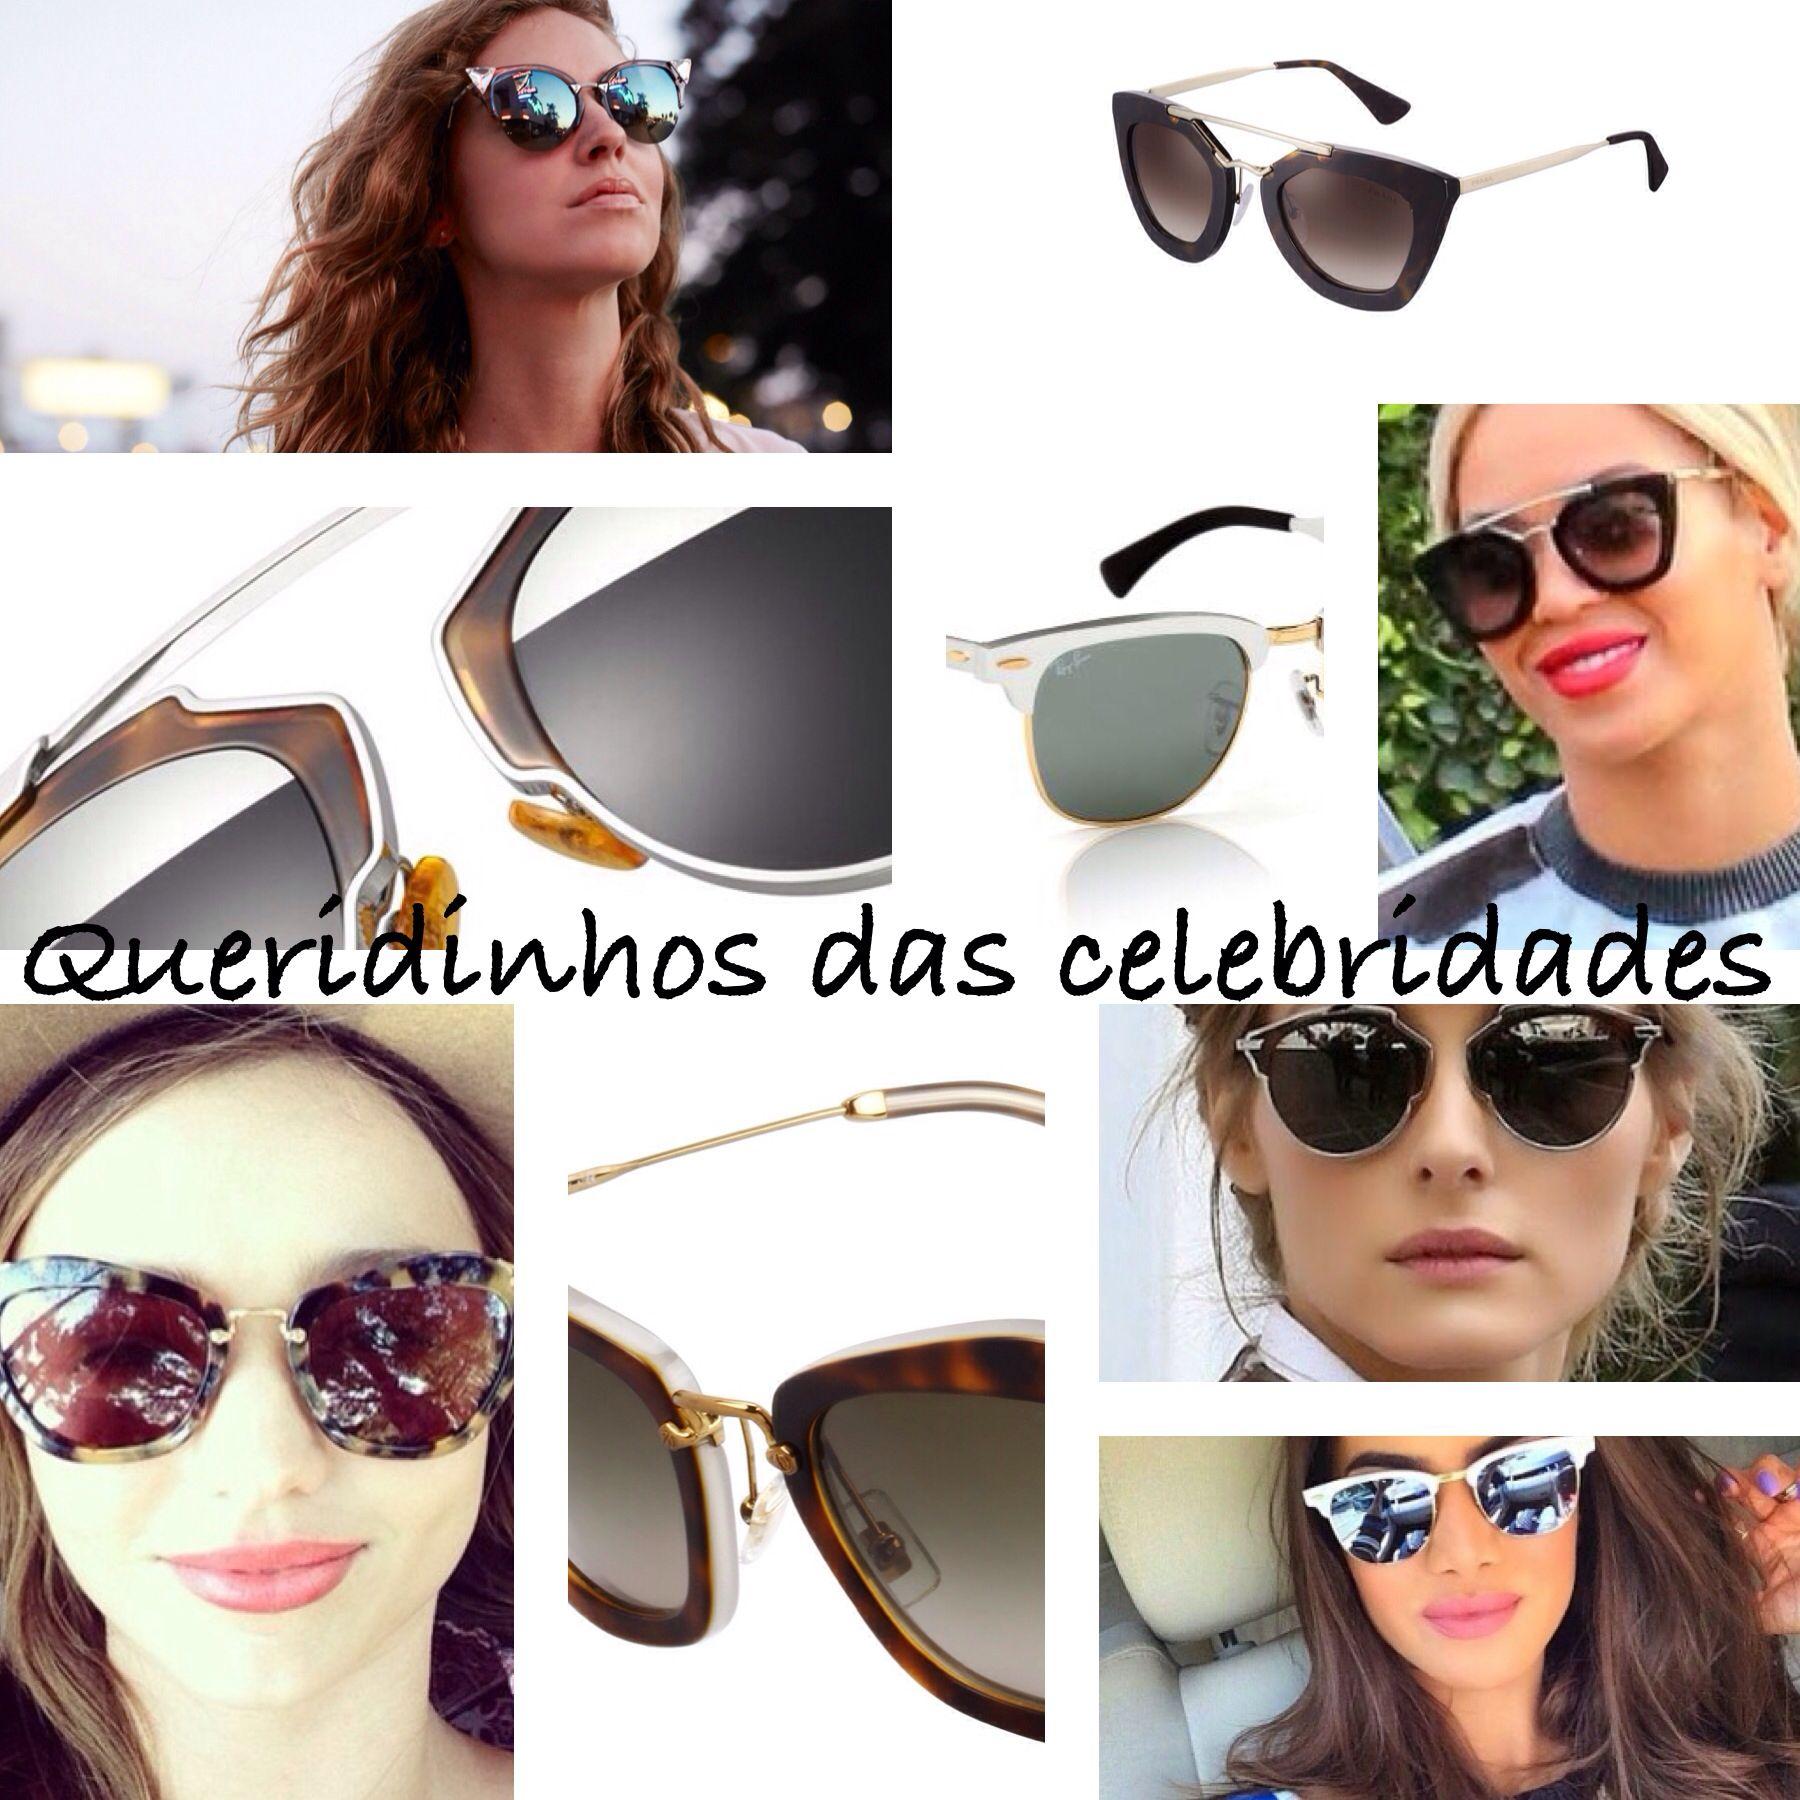 Os queridinhos das celebridades não podem faltar em sua coleção!  oculos   de  sol  famosas  retro  gatinho  prada  miumiu  dior  fendi  oticas   wanny   ... c8bba42555